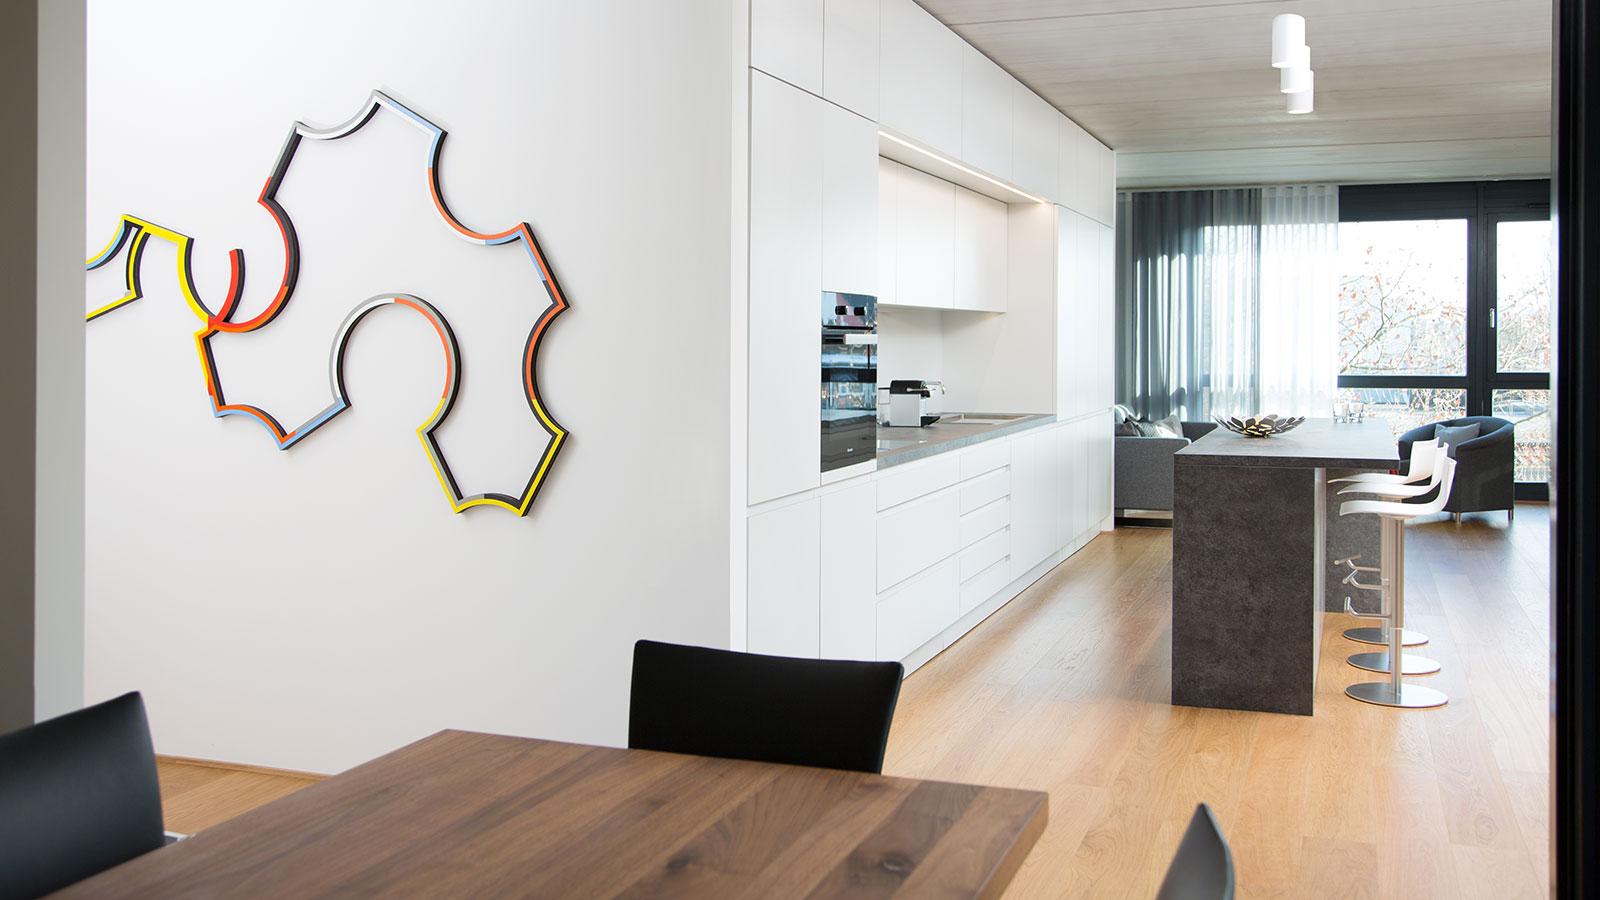 Wohnraum Gestaltung mit Sichtbeton